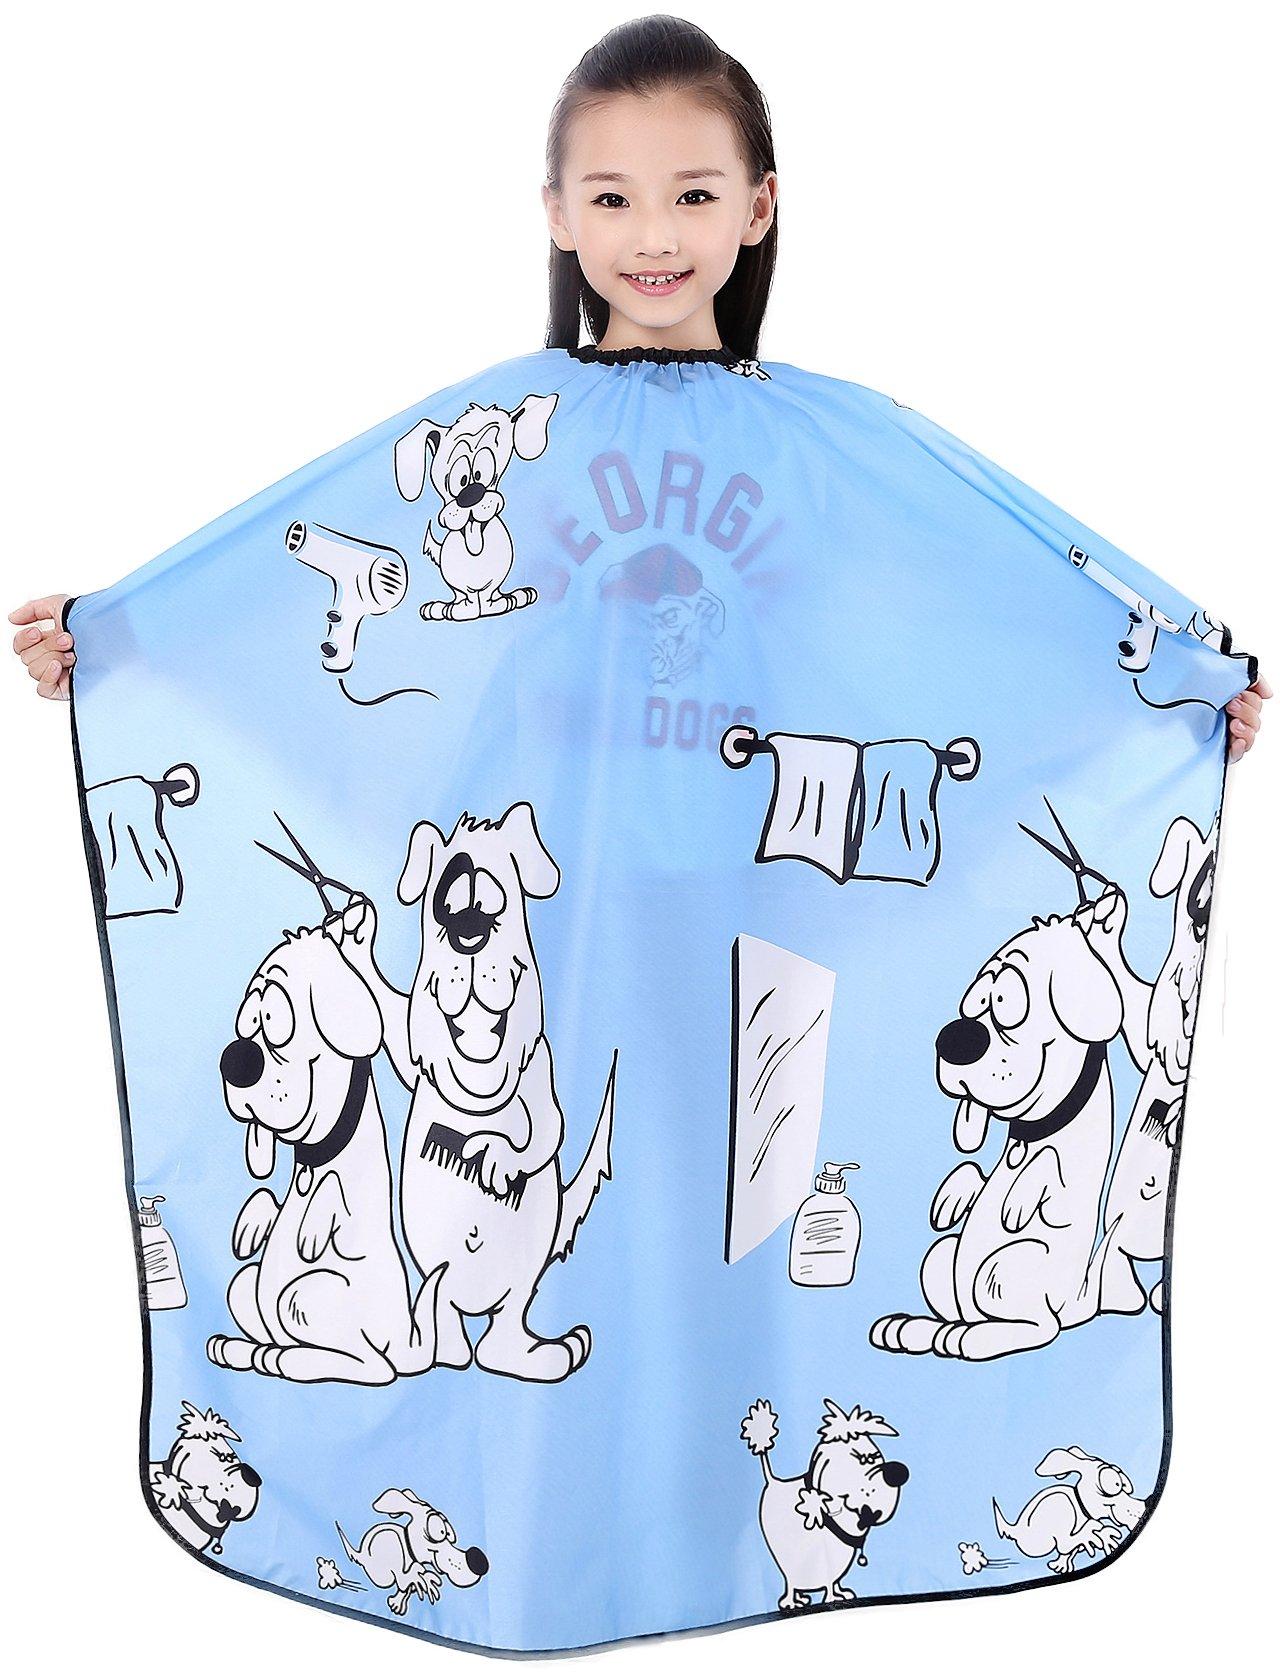 Kids Haircut Salon Cape, Hair Cutting Cape For Kid cloth, Child Shampoo Waterproof Capes 52''X 37'' (Blue)